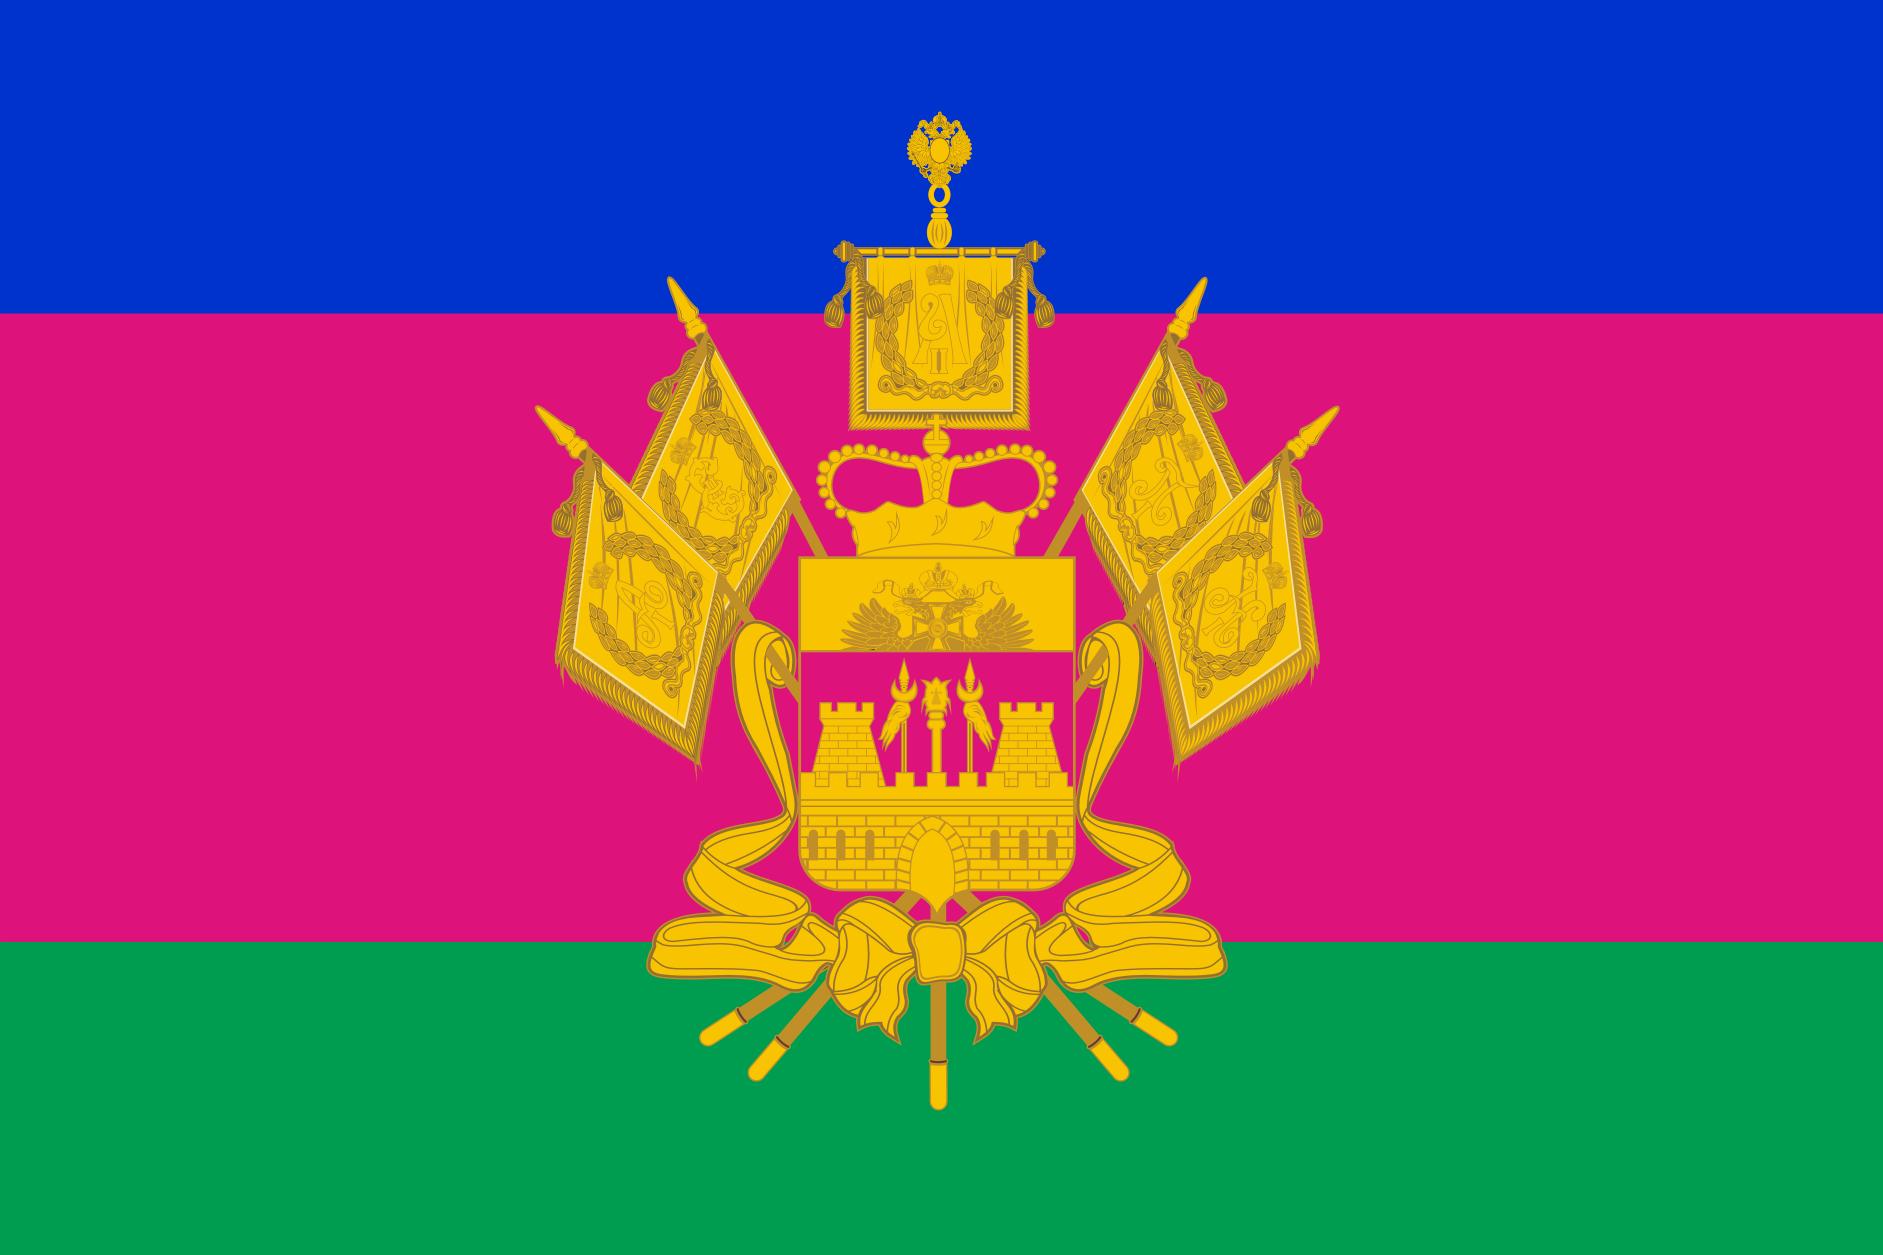 флаг Кубани